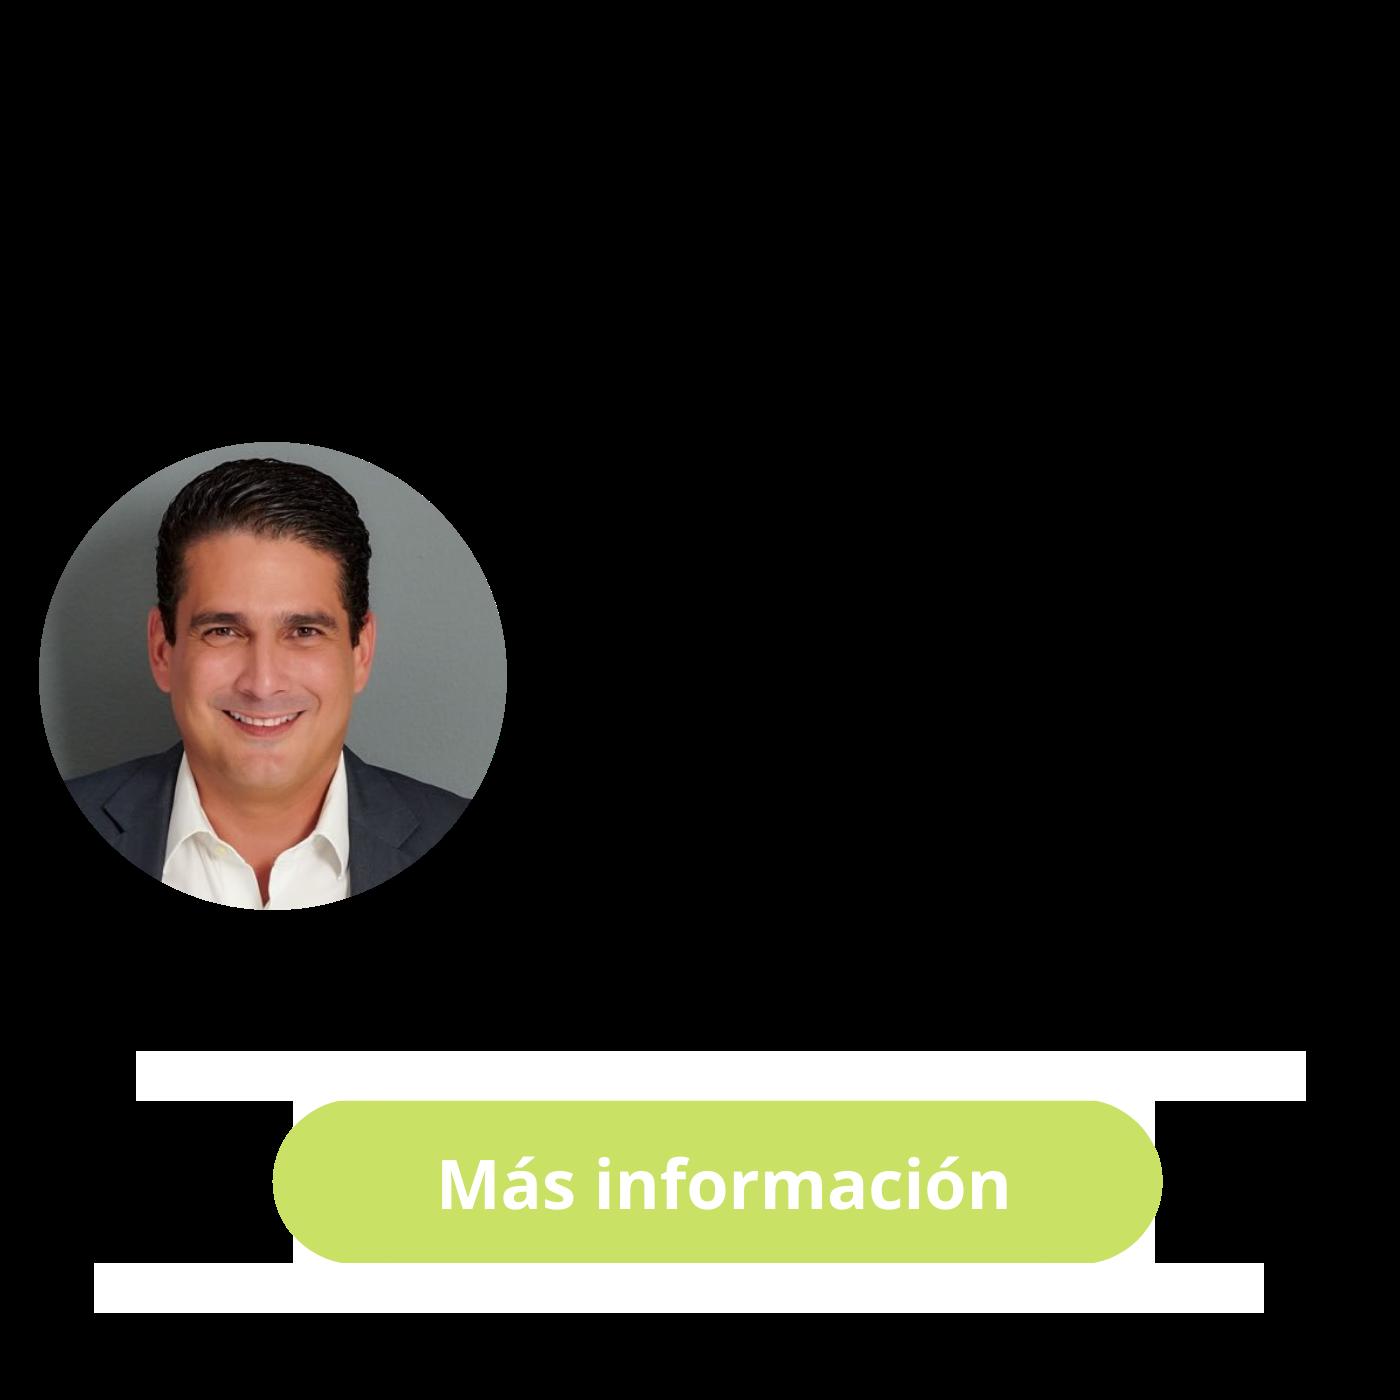 La Entrega Objetiva De Alimentos En Santa Tecla. Newsletter. Infografía. Roberto d'Aubuisson. 2021